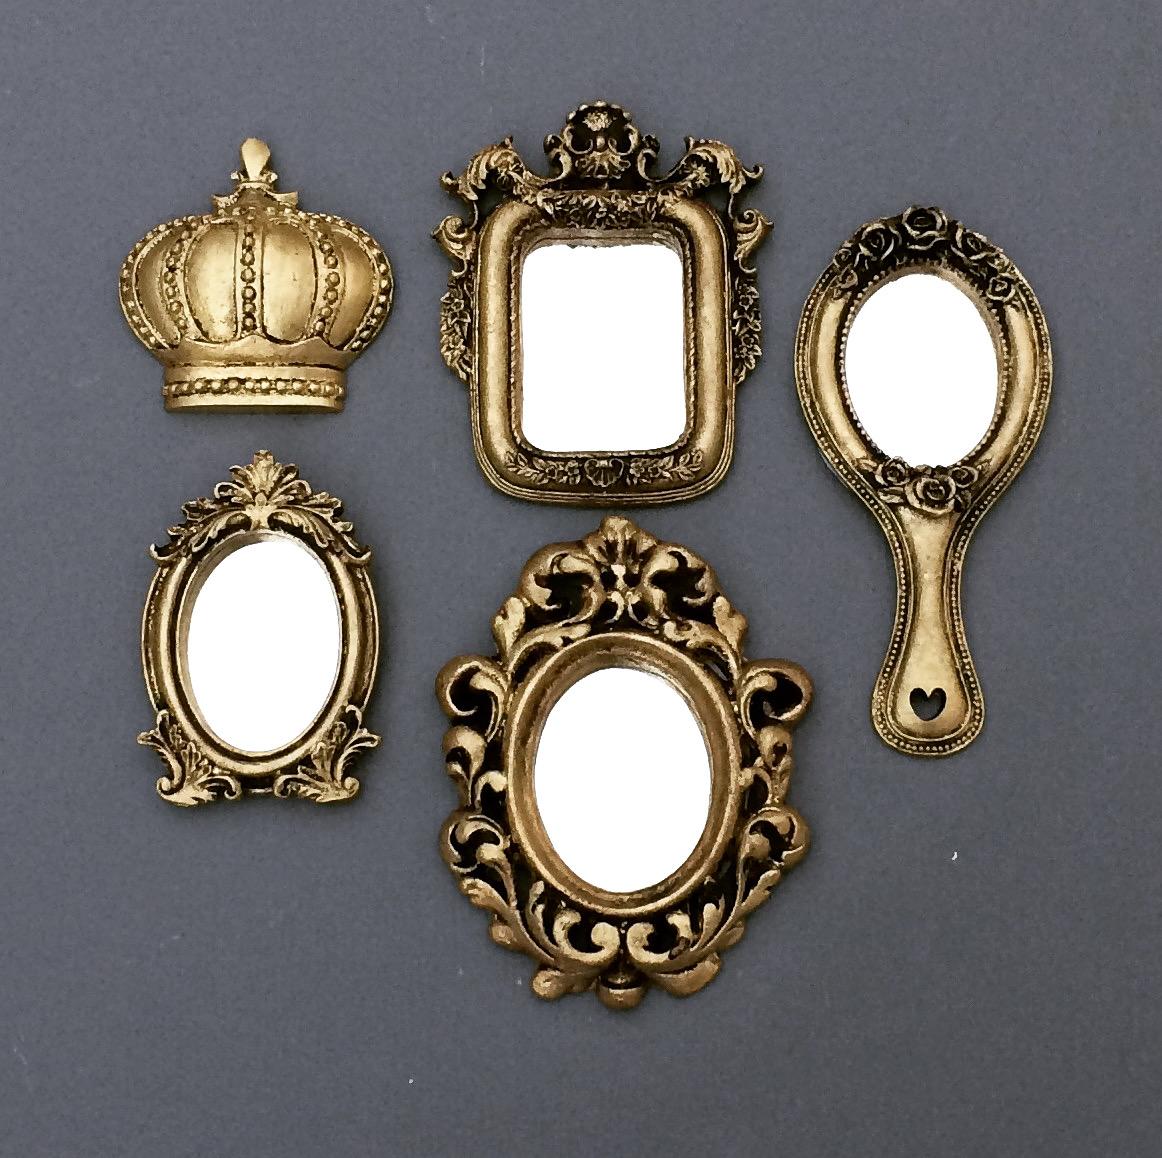 Modelos de molduras espelhadas e aplique coroa em resina